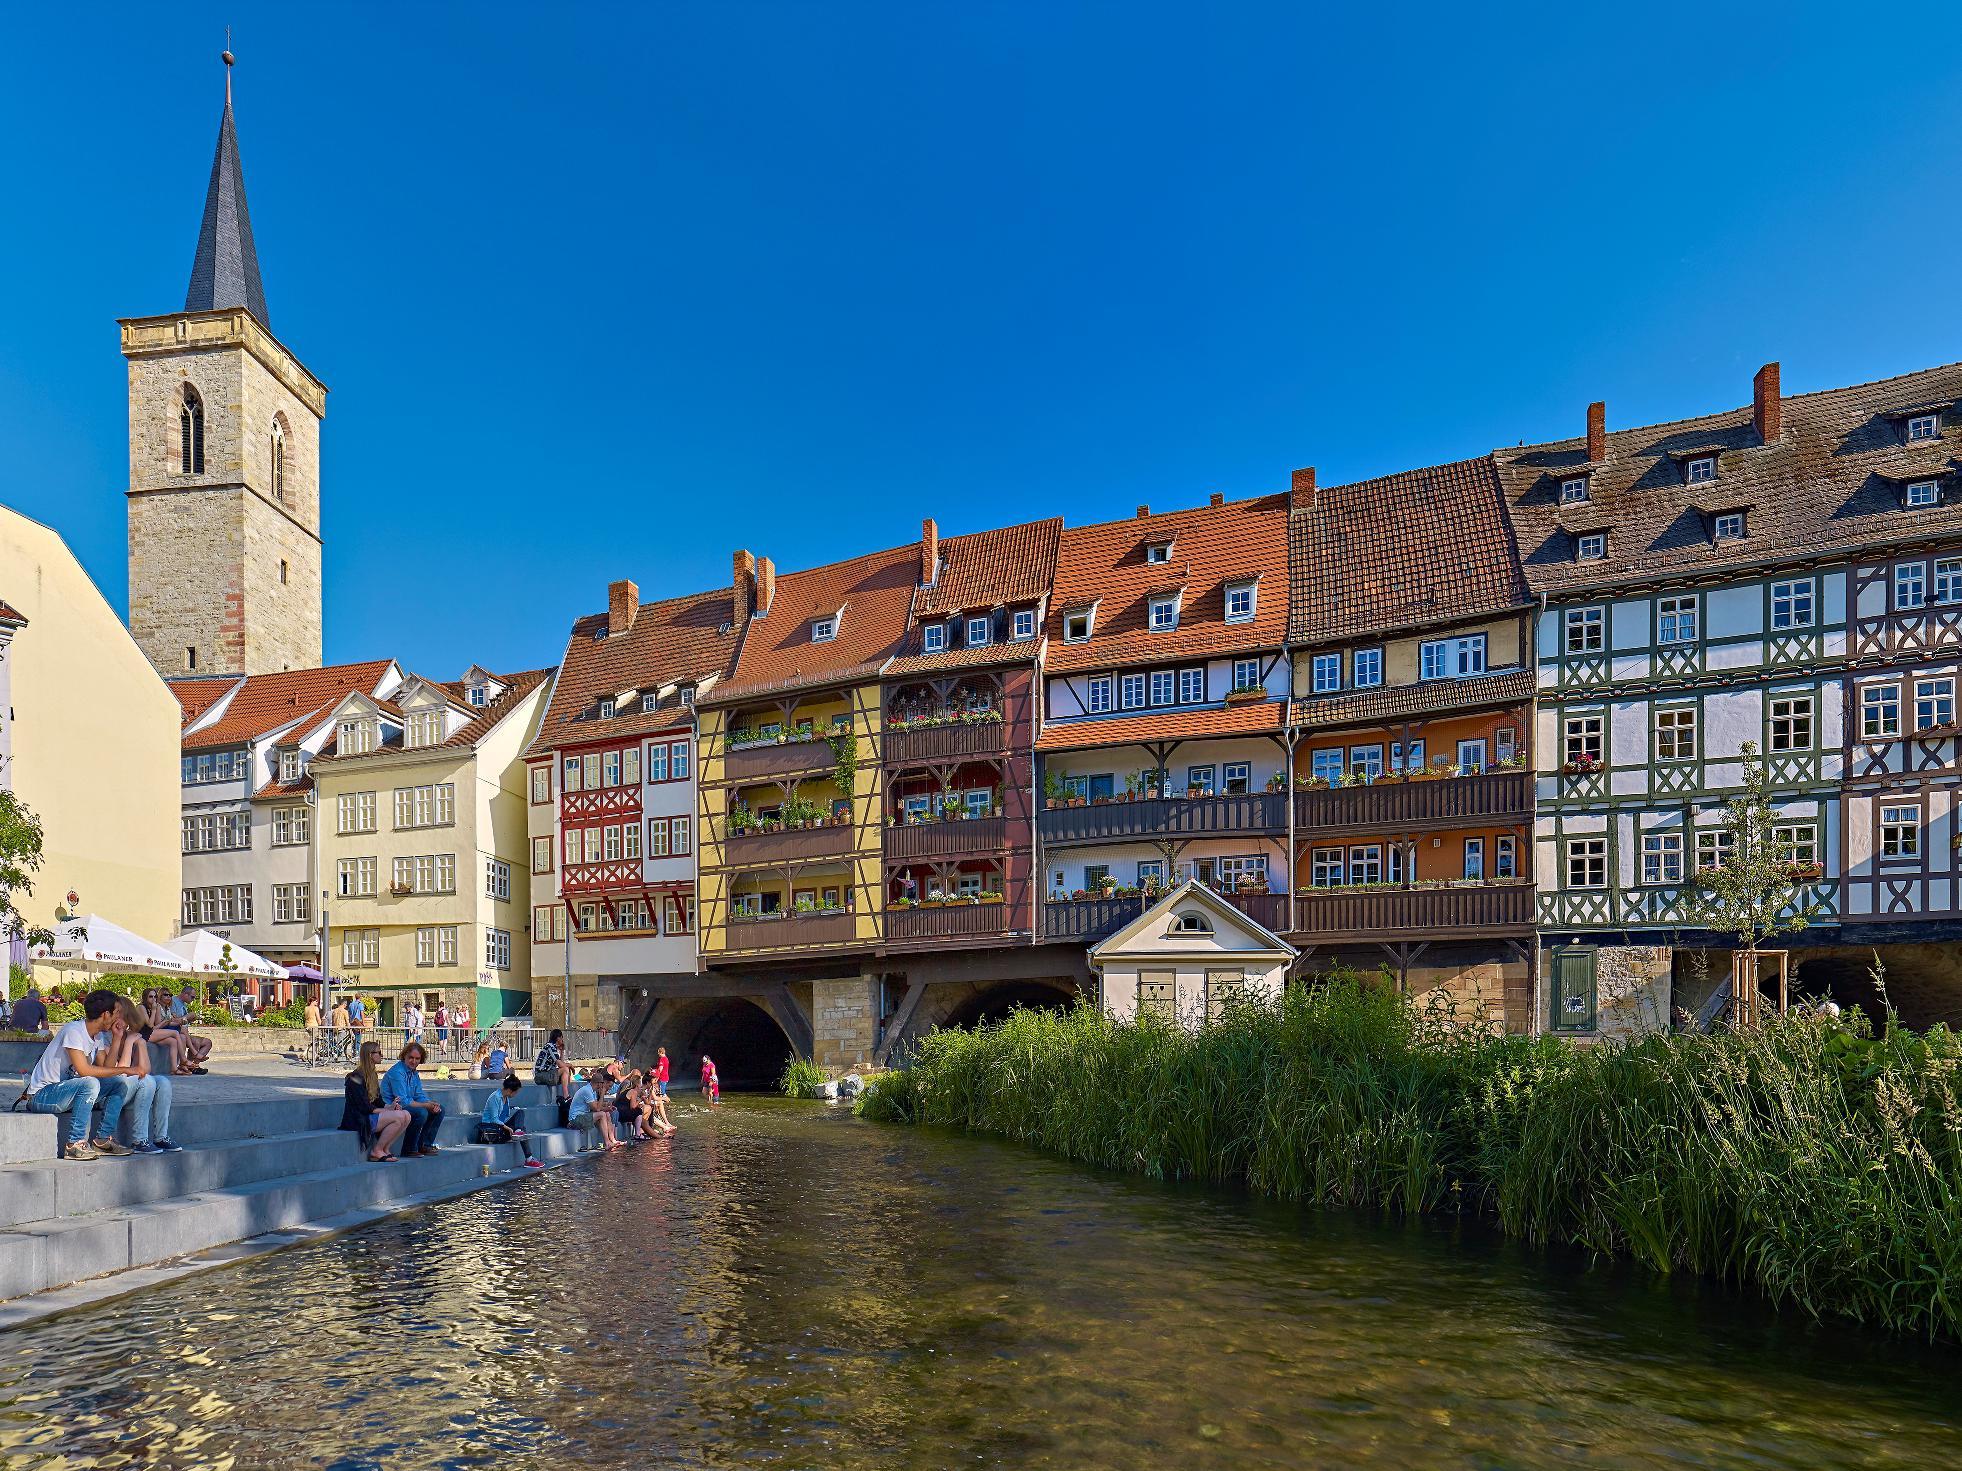 Erfurt - Merchant's Bridge